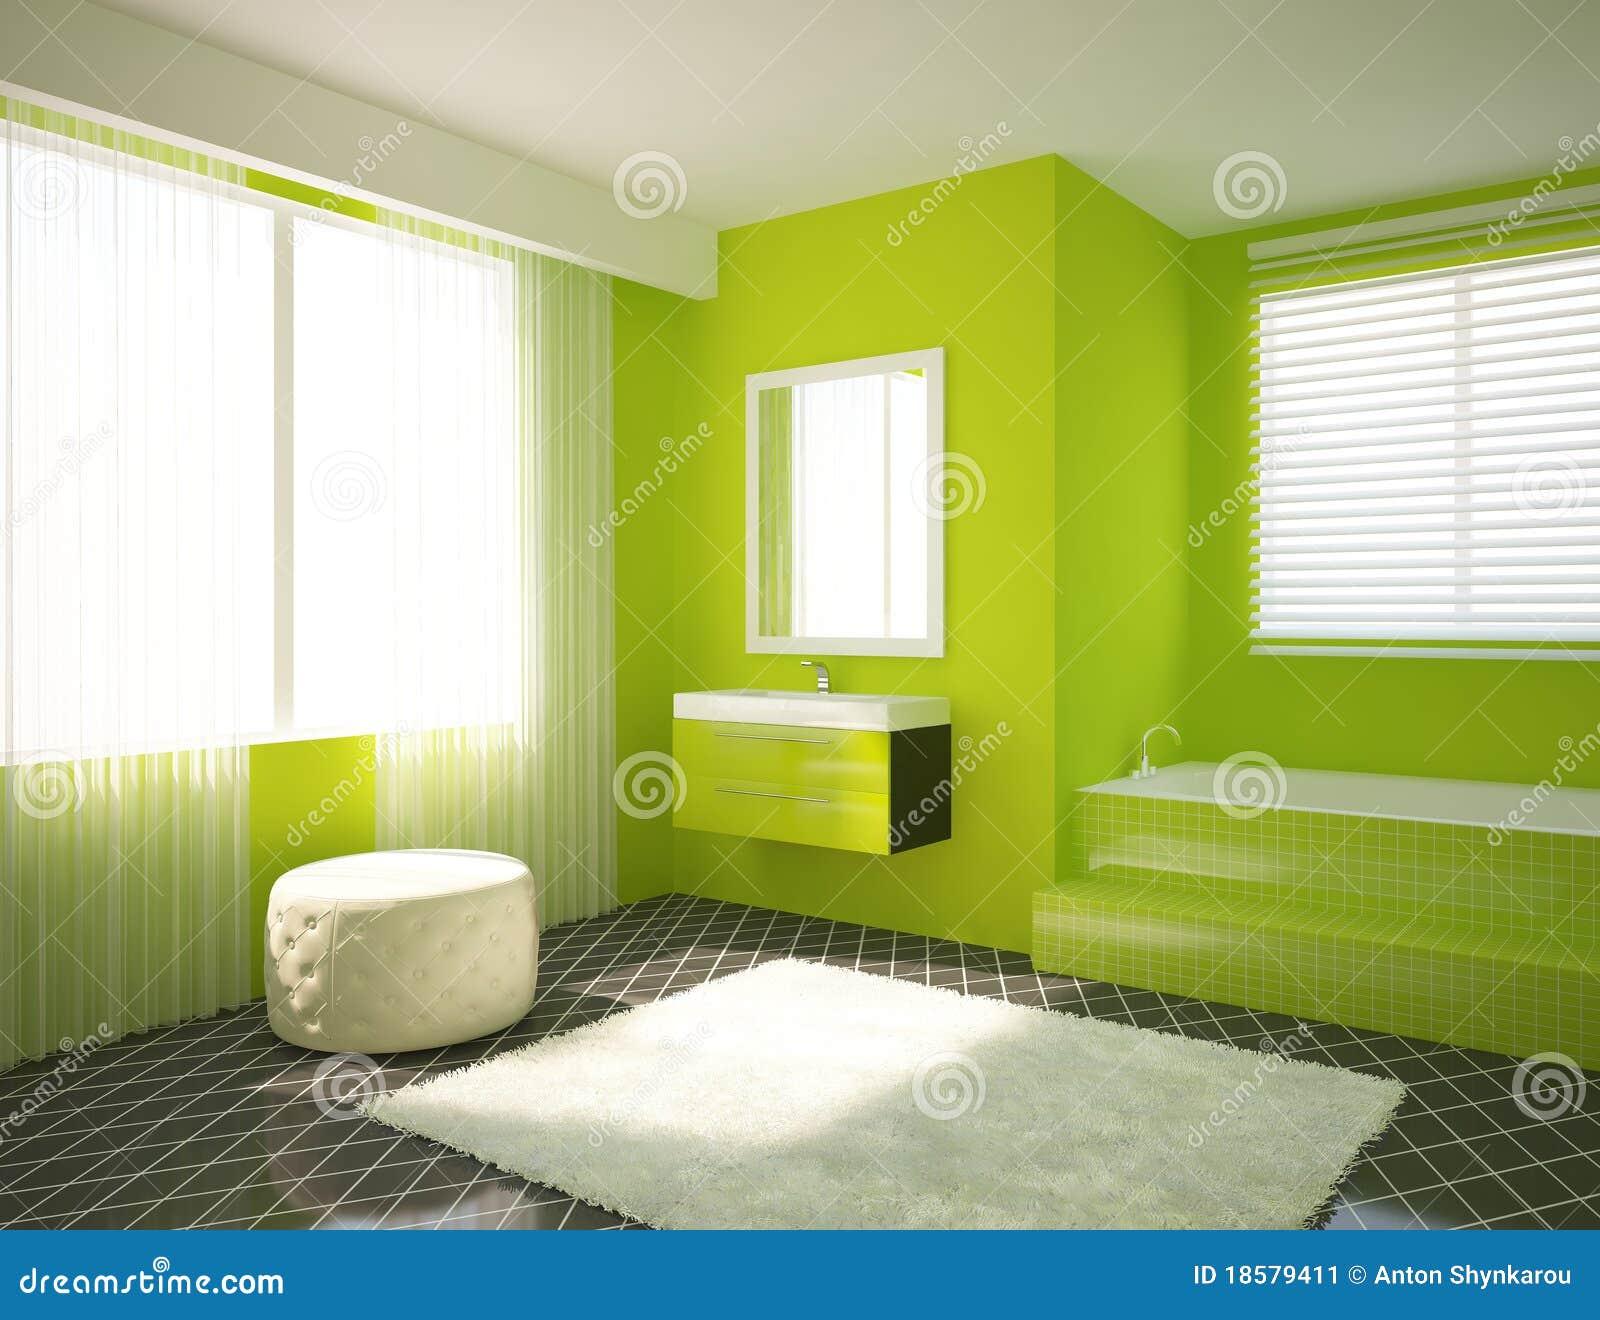 Grünes Badezimmer stock abbildung. Illustration von städtisch - 18579411